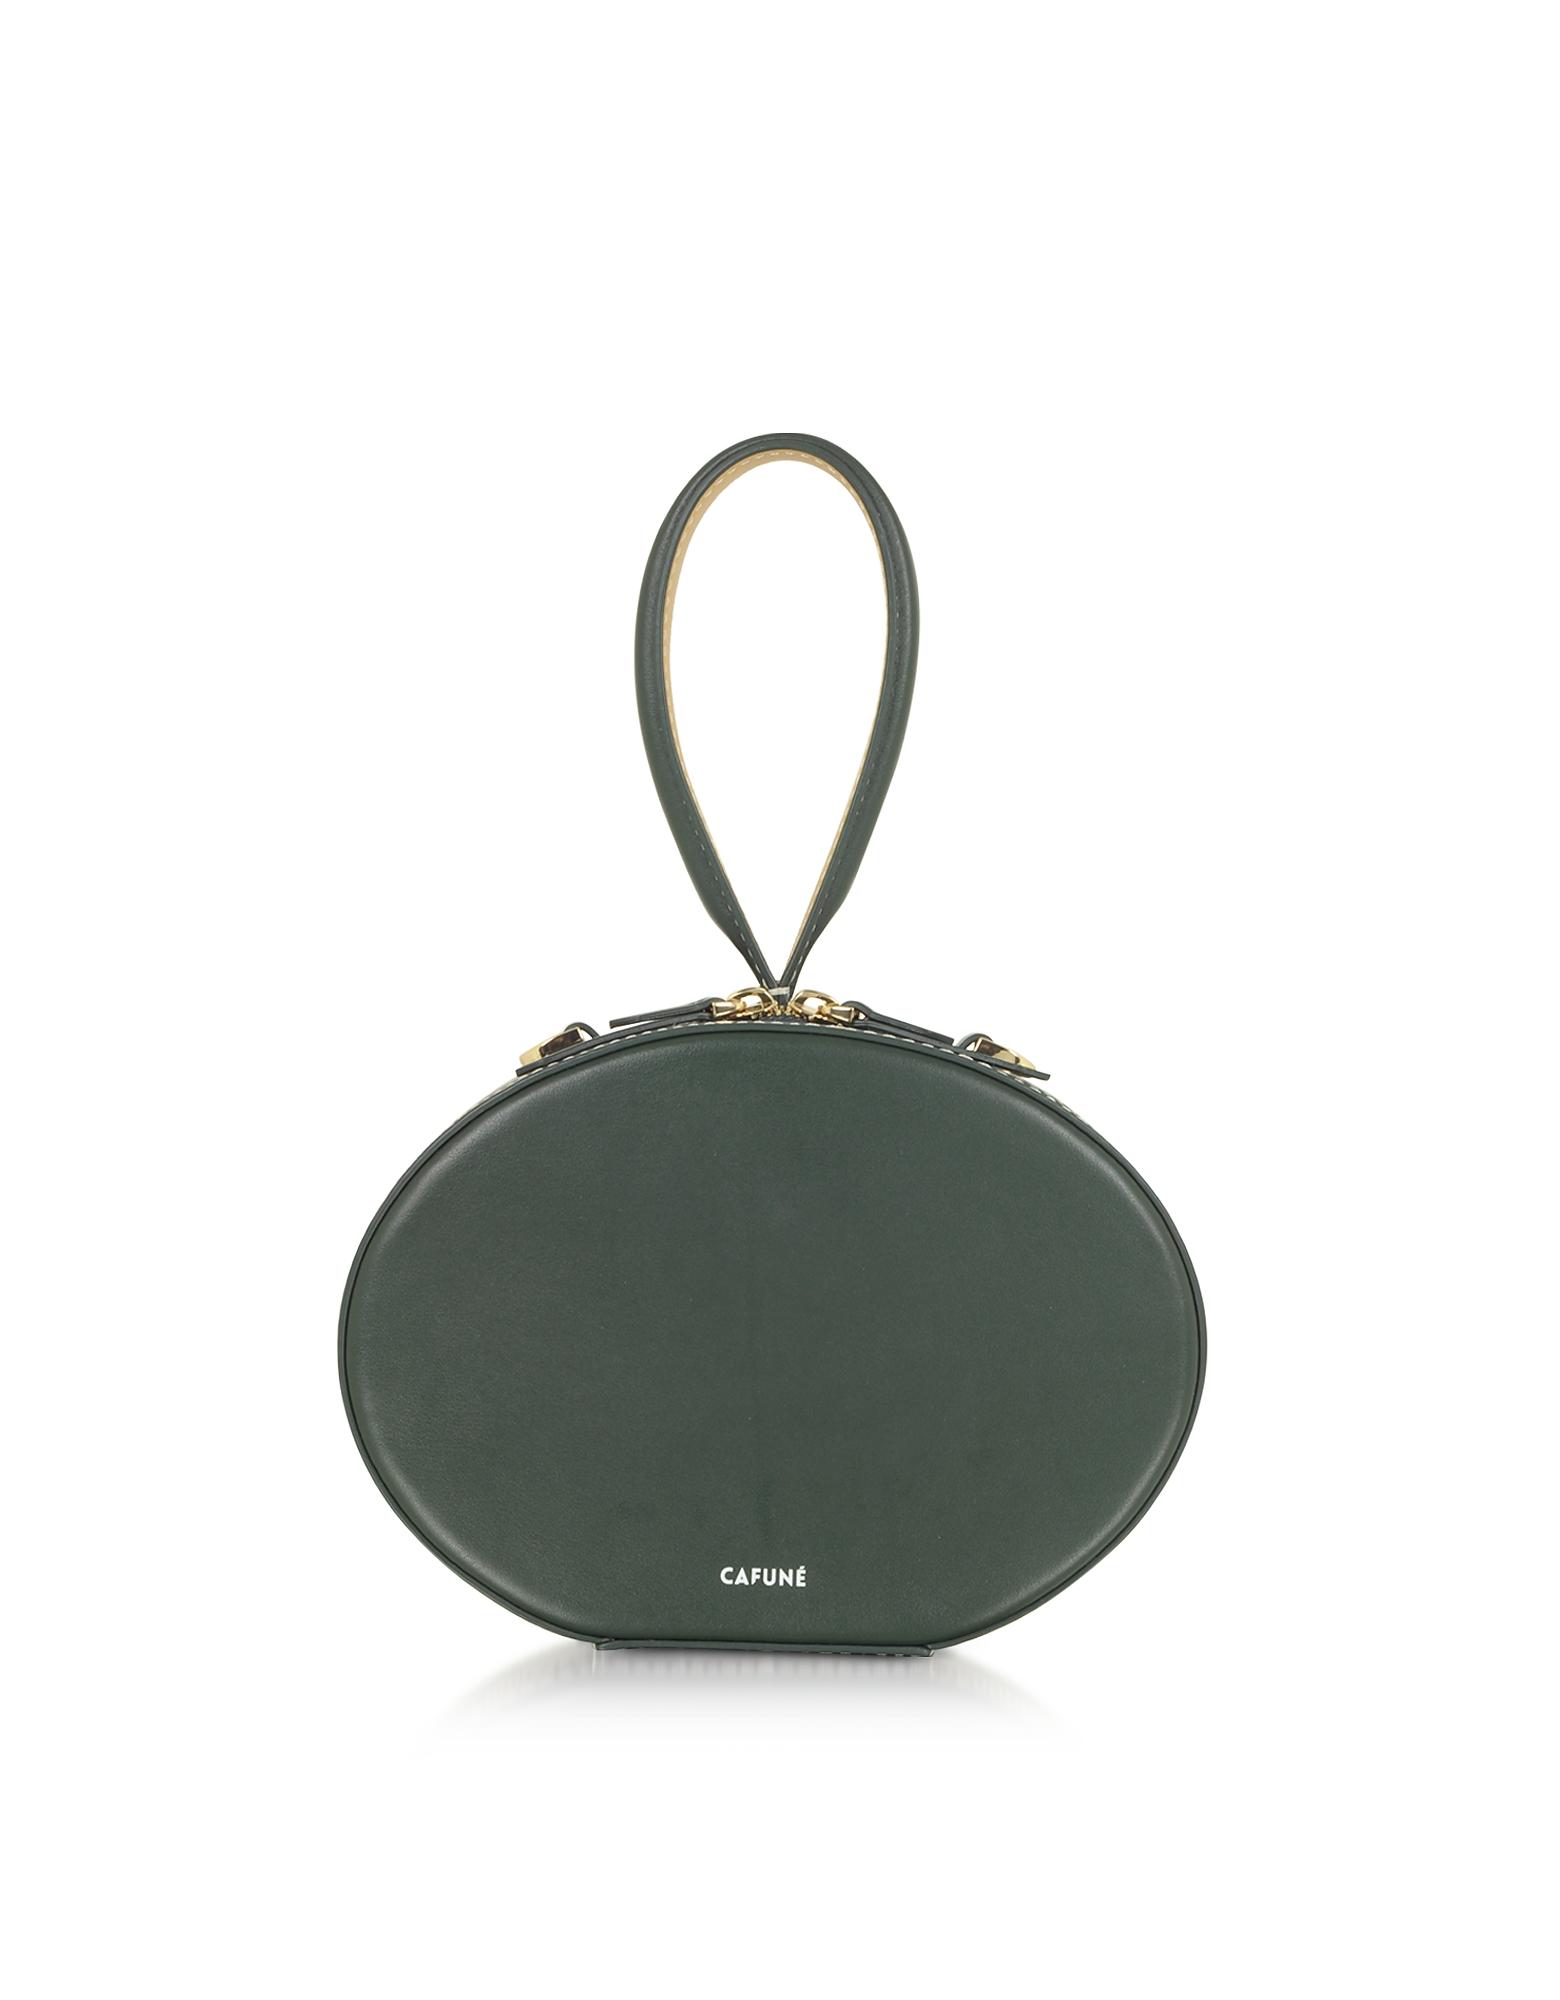 Cafuné Designer Handbags, Forest Green Leather Egg Bag